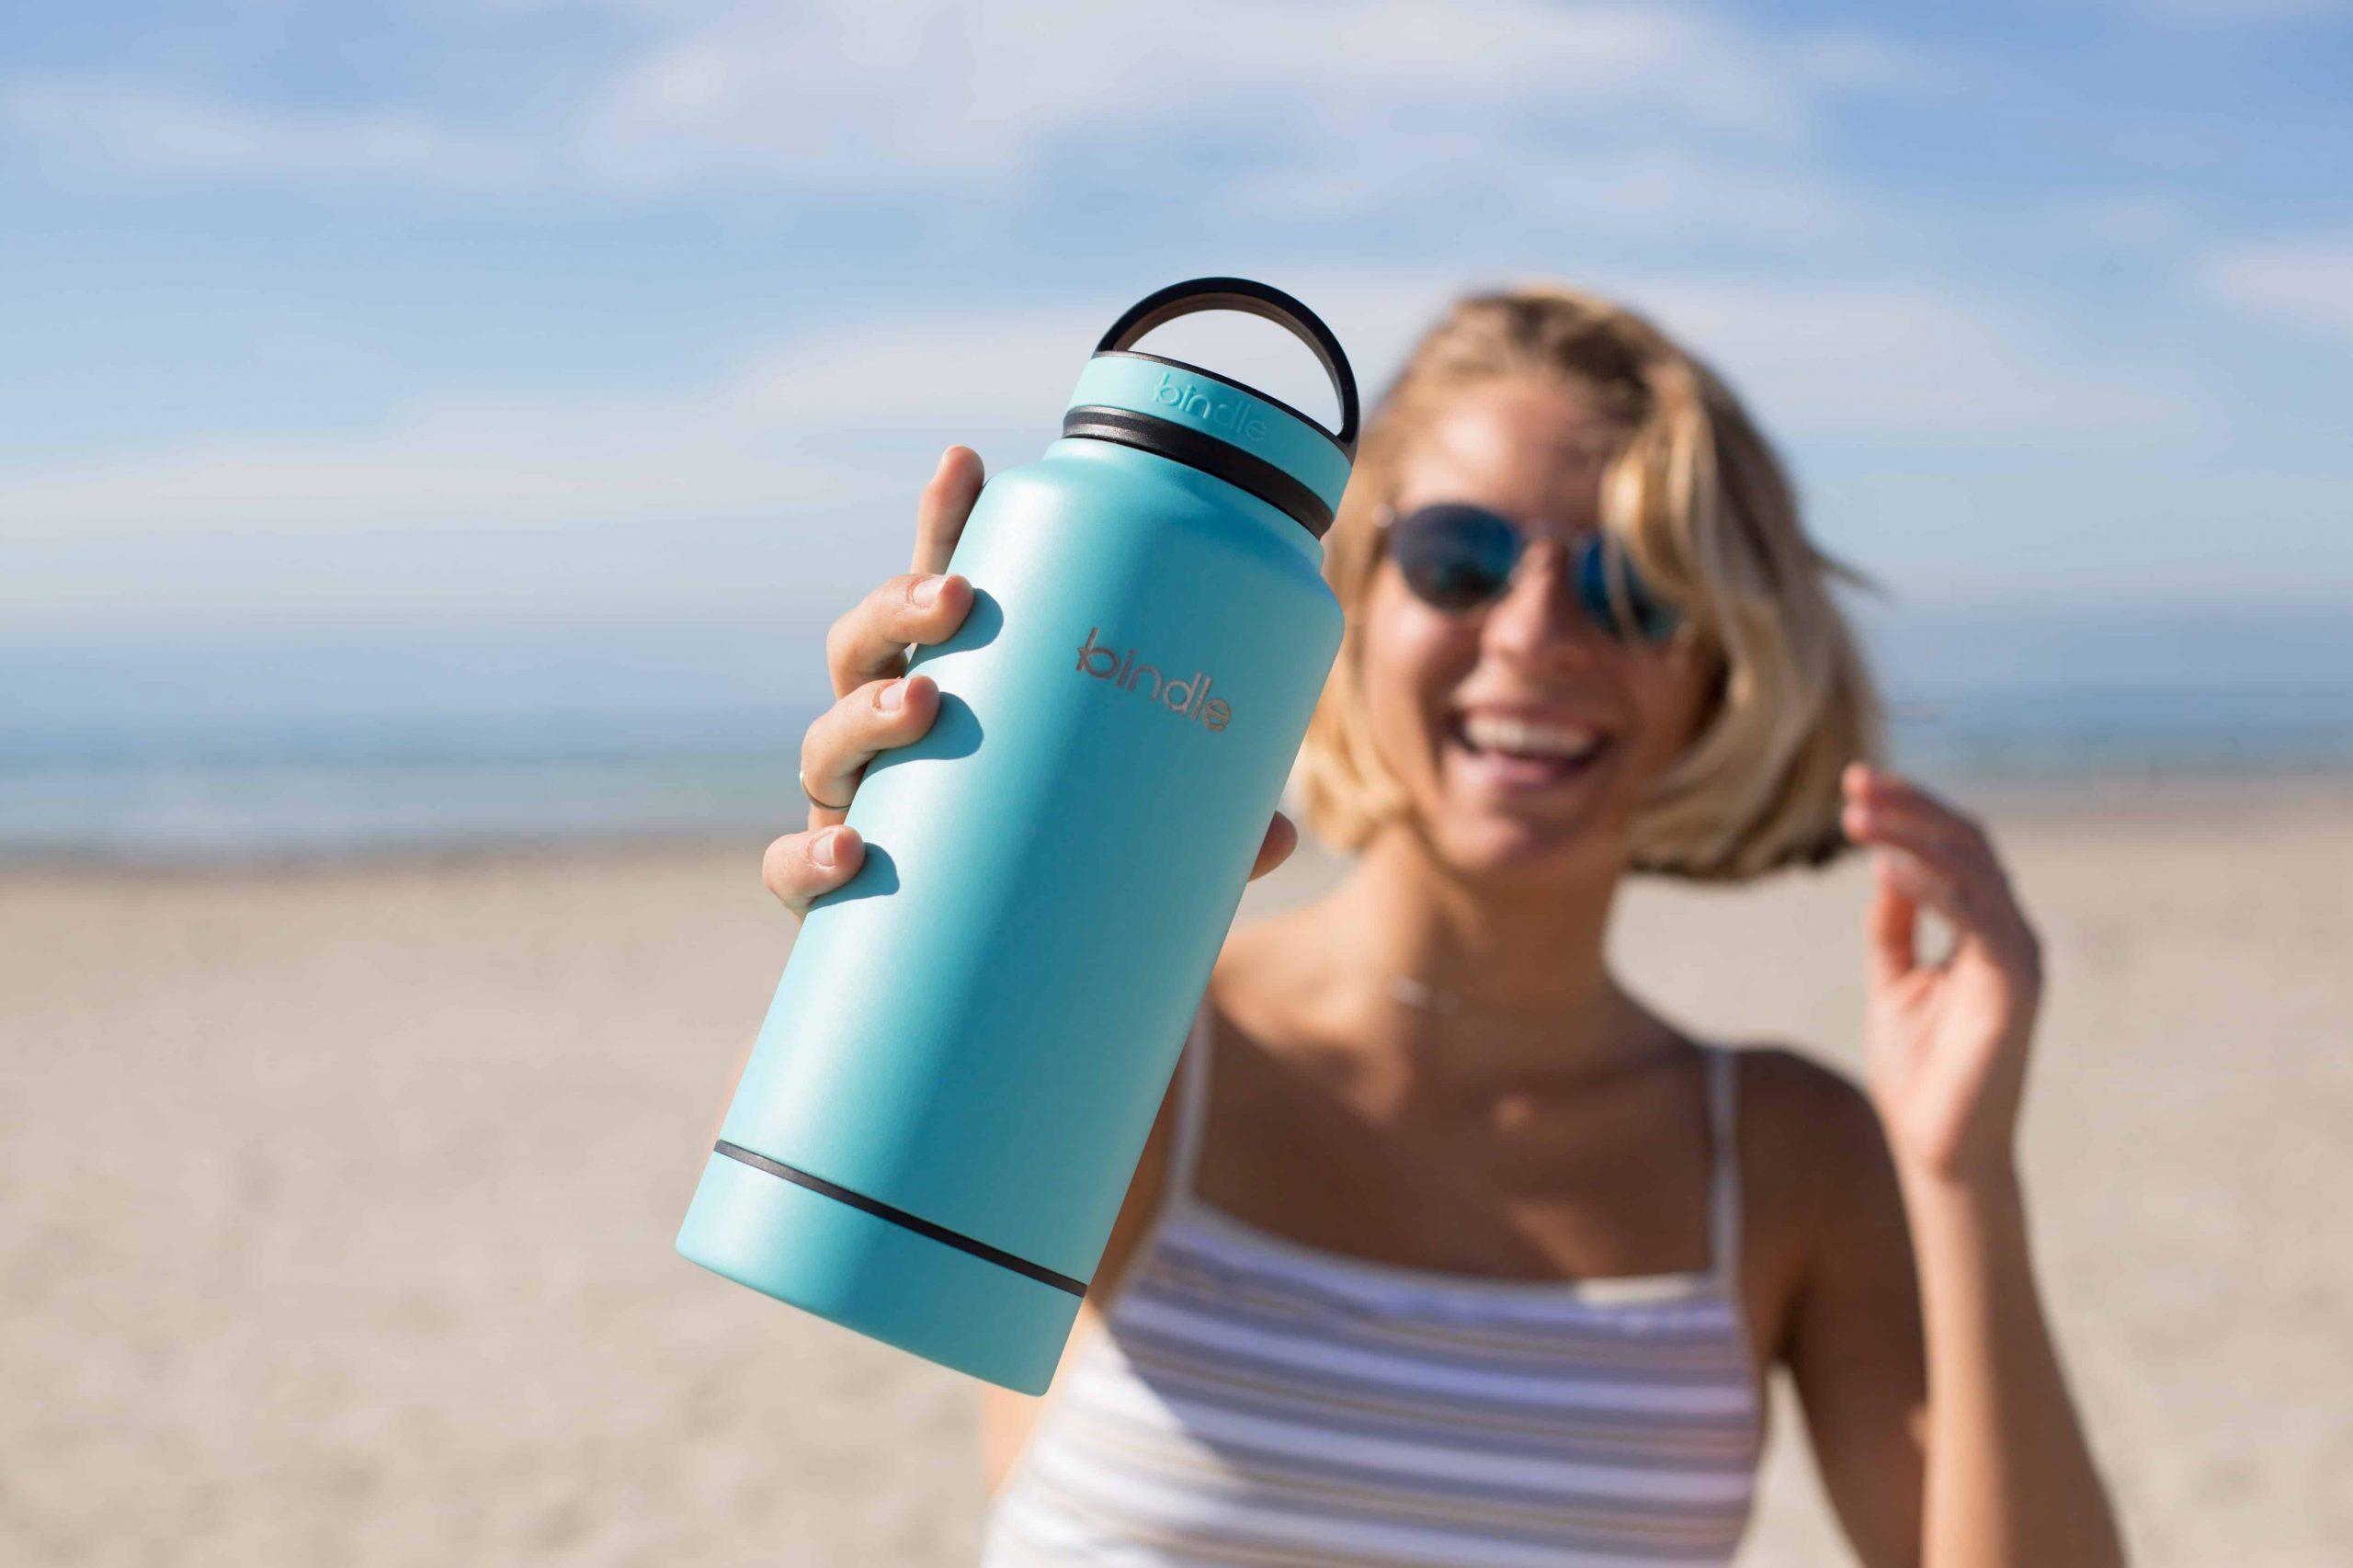 Edelstahl Trinkflasche: Test & Empfehlungen (06/20)